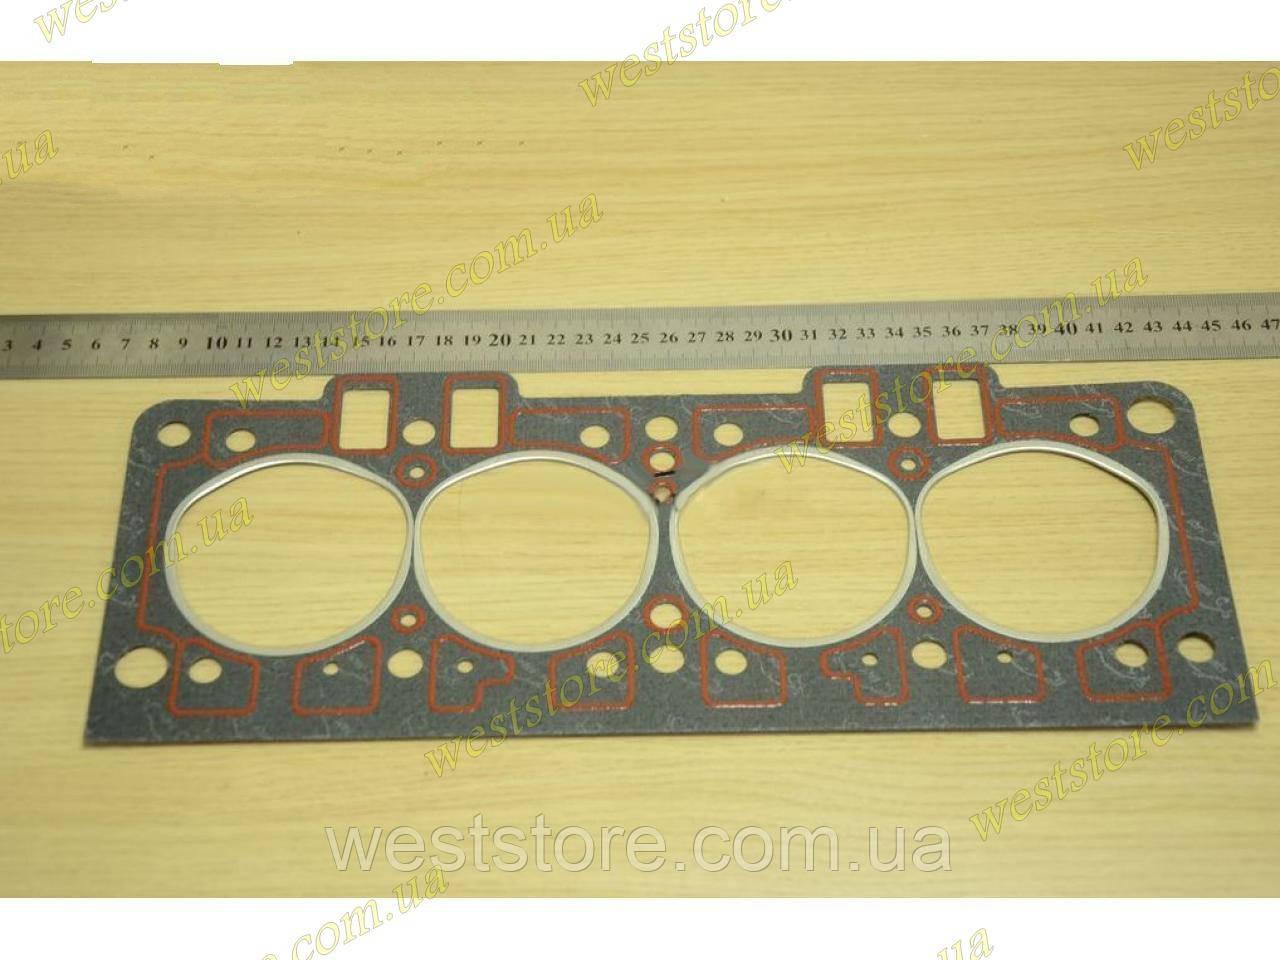 Прокладка головки блока цилиндров Заз 1102,1103 Таврия Славута, с герметиком